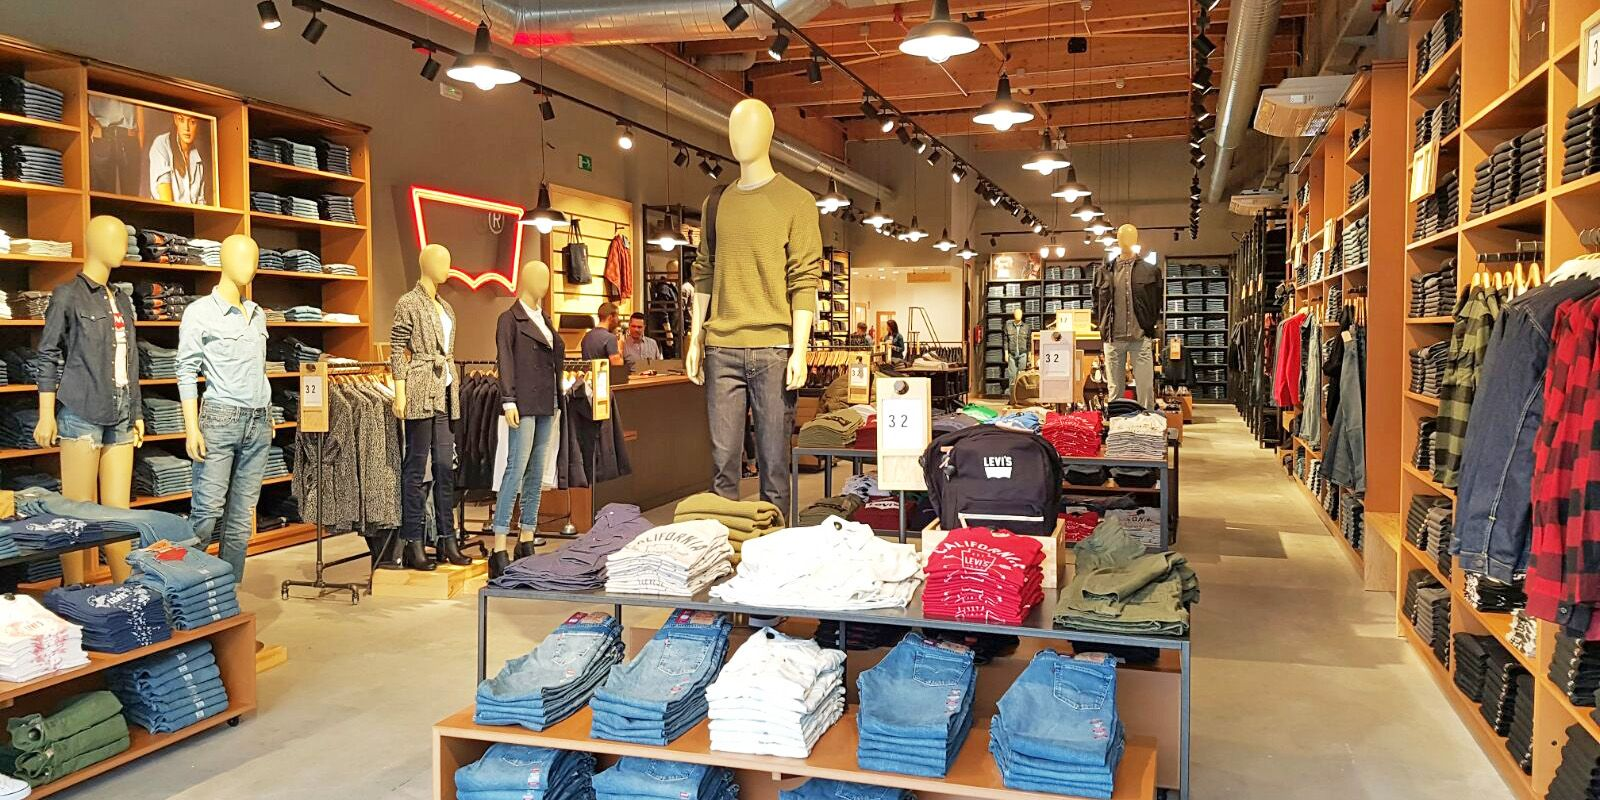 Se Levi's Outlet Oferta Shopping Incorpora A La Luz De OkuPXZi